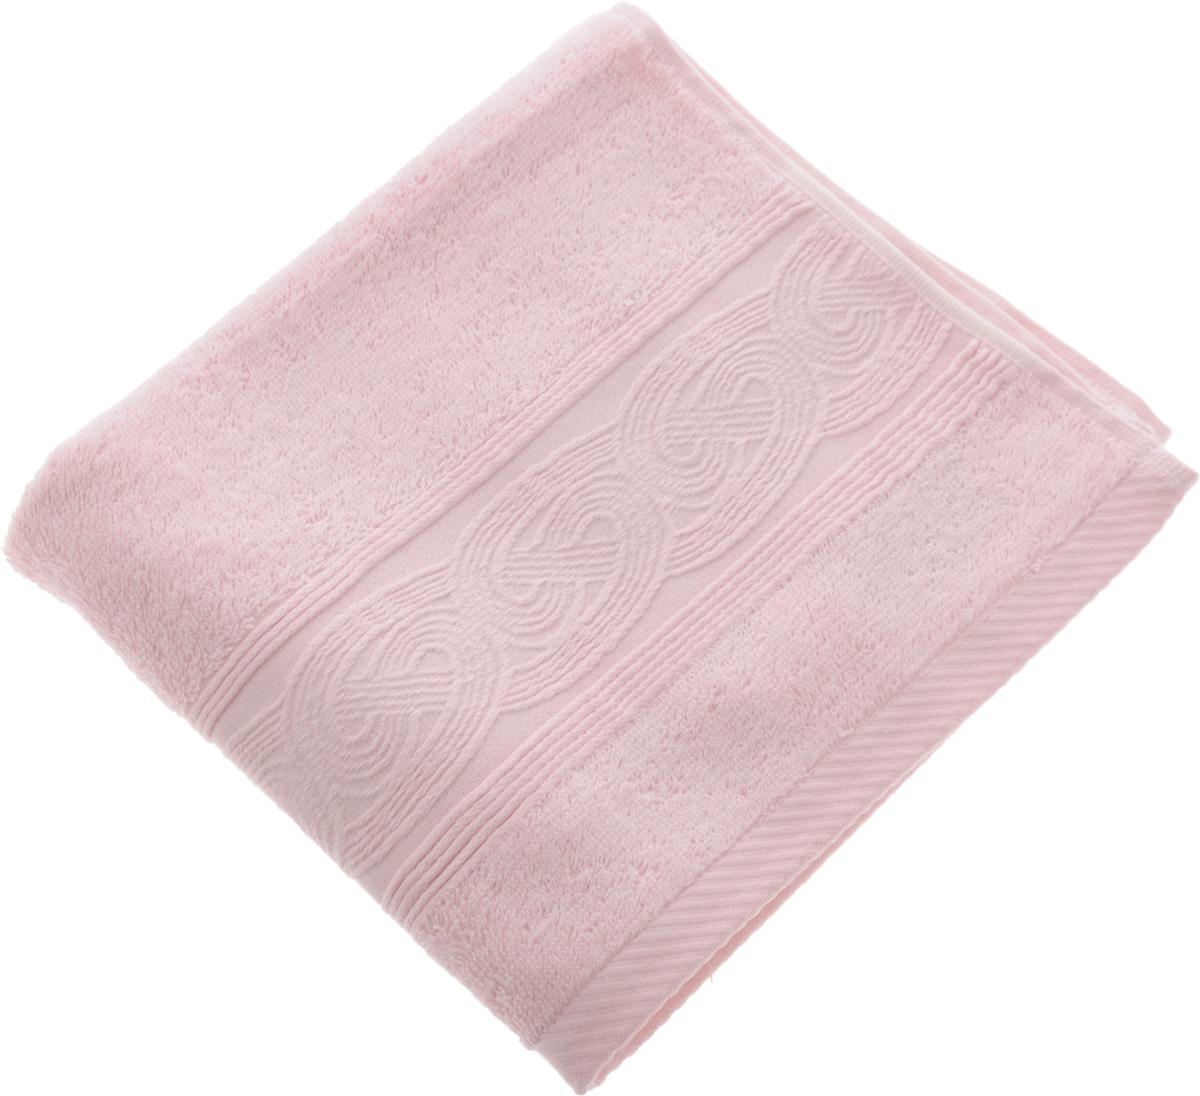 Полотенце Soavita Luxury. Жемчуг, цвет: розовый, 50 х 90 см12245Полотенце Soavita Luxury. Жемчуг выполнено из 50% хлопка и 50% тенселя. Изделие отлично впитывает влагу, быстро сохнет, сохраняет яркость цвета и не теряет форму даже после многократных стирок. Полотенце очень практично и неприхотливо в уходе. Оно создаст прекрасное настроение и украсит интерьер в ванной комнате.